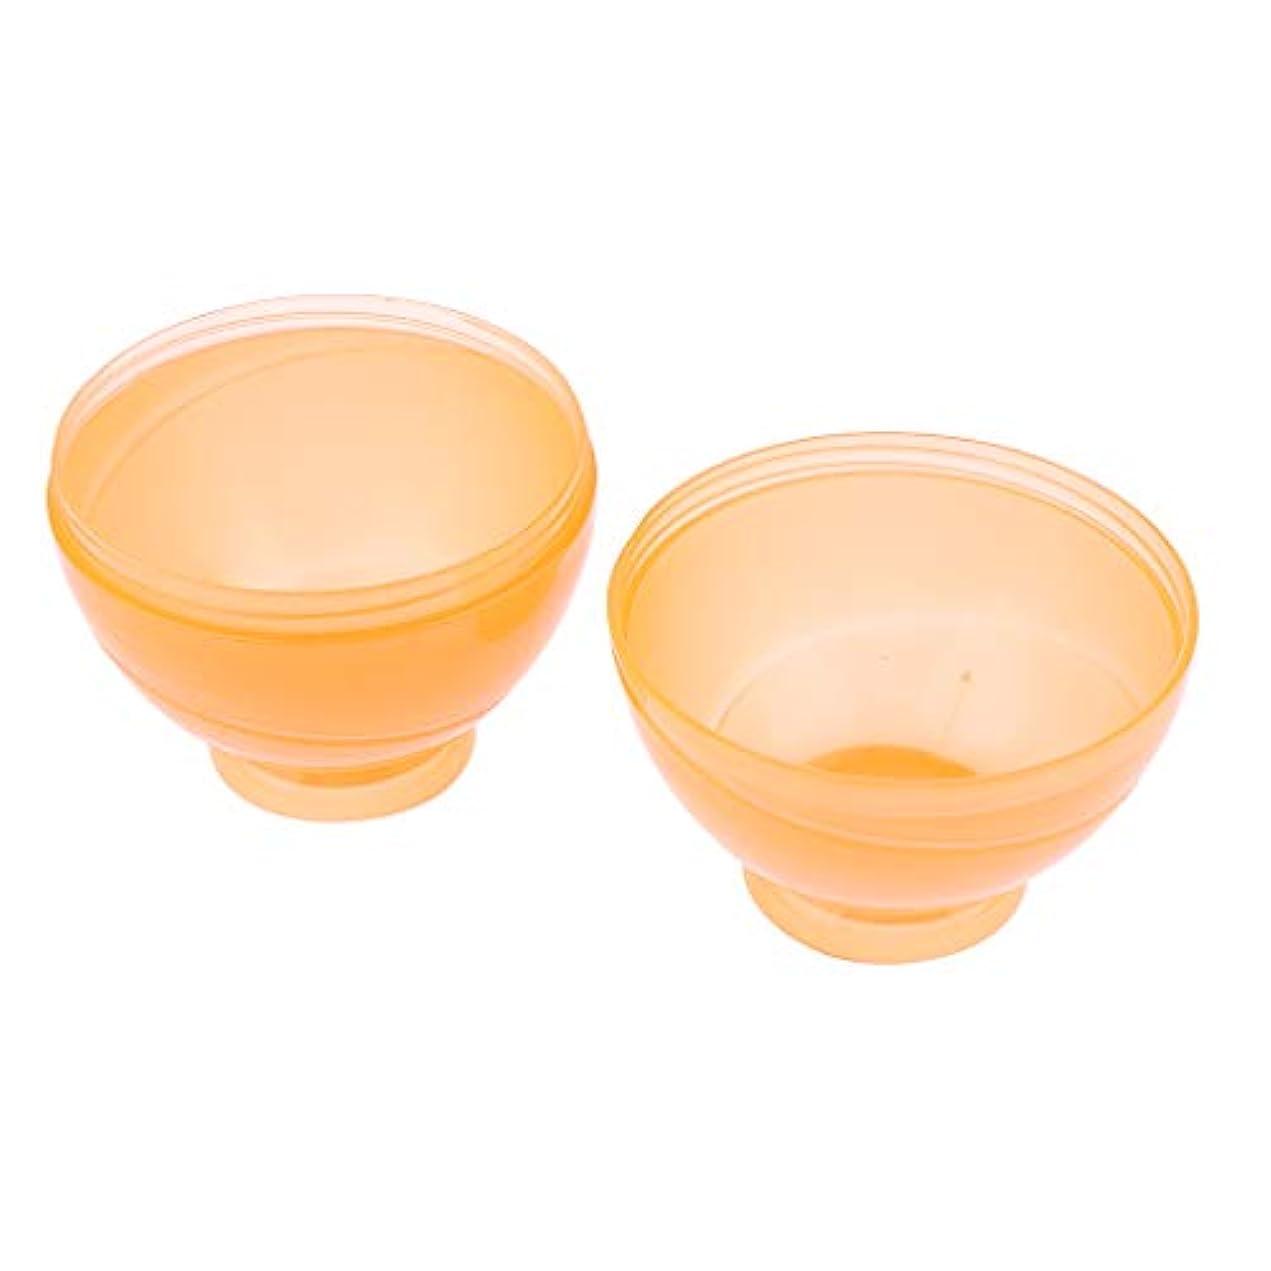 散髪写真の出発B Blesiya ヘアカラー ミキシングボトル プロ ヘアサロン DIY サロンツール 3色選べ - オレンジ